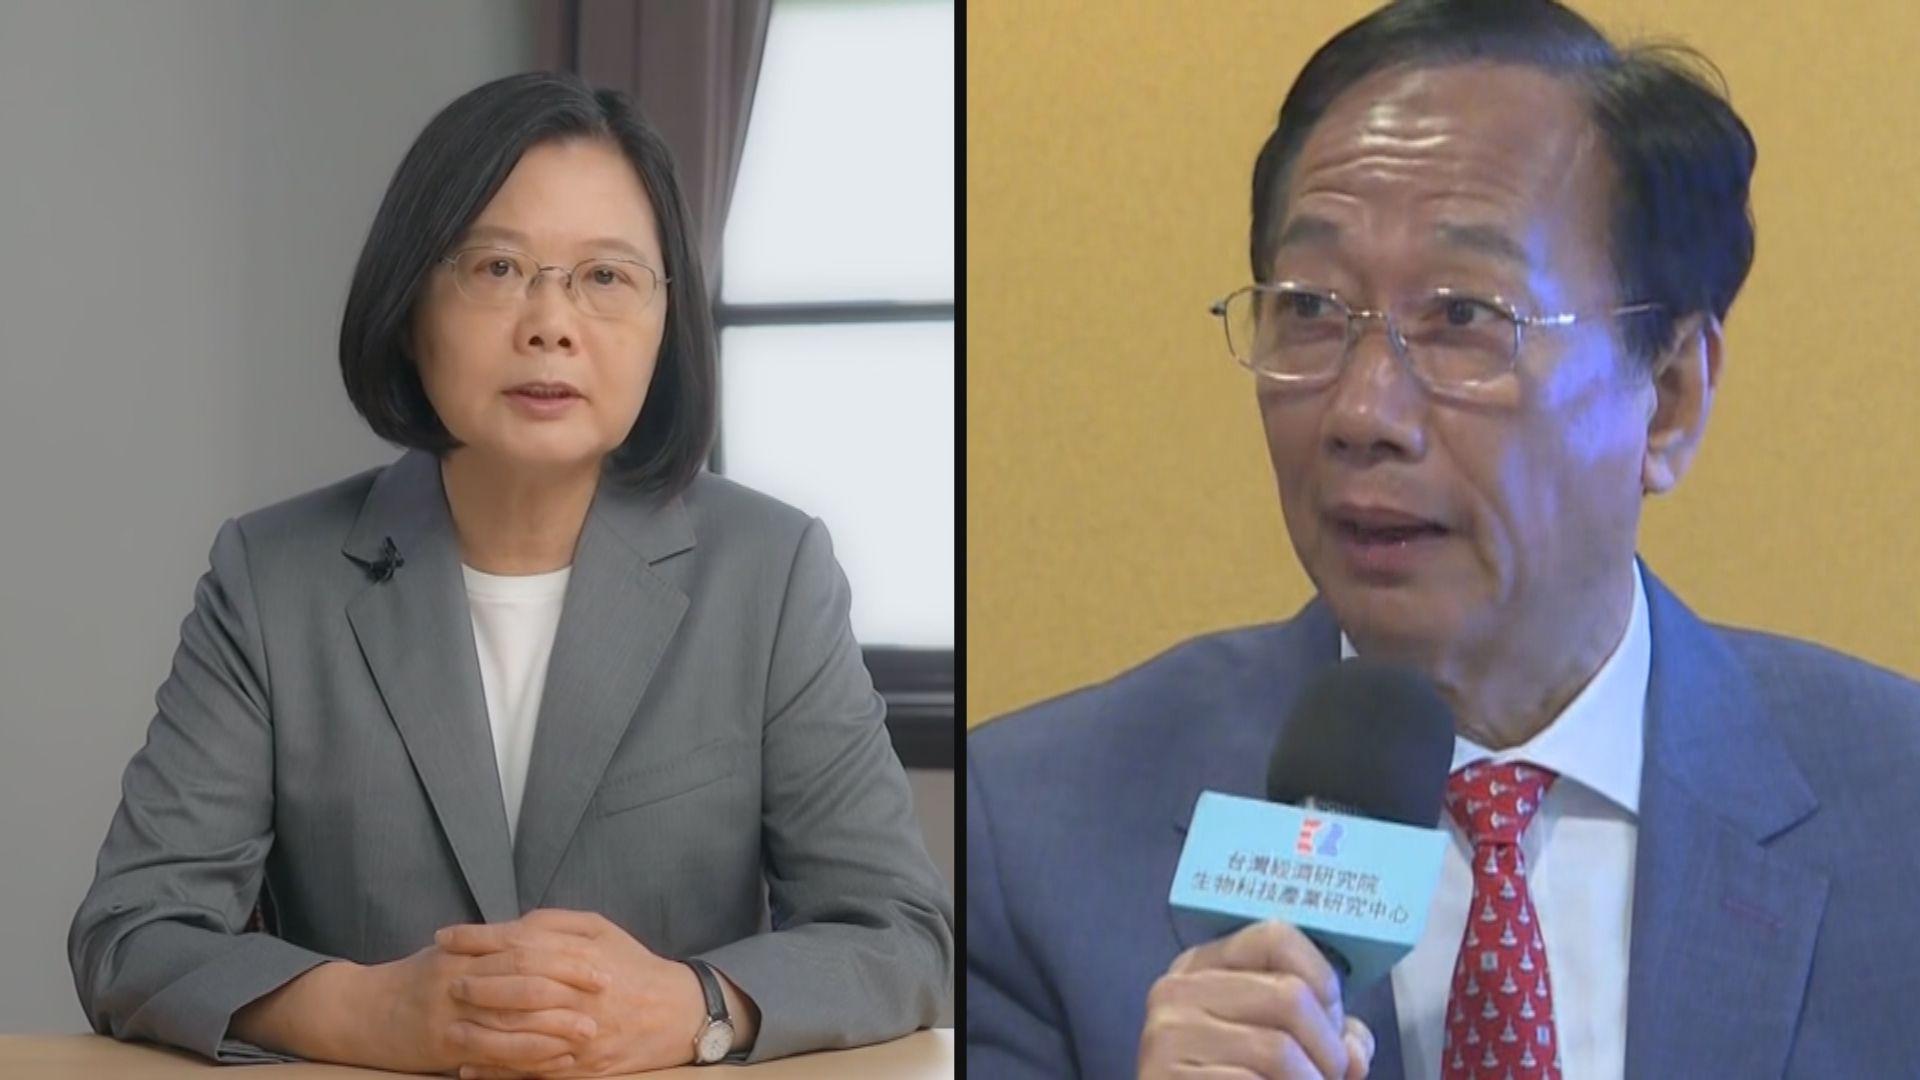 台灣宣布授權台積電和郭台銘基金採購BioNTech 合共採購一千萬劑